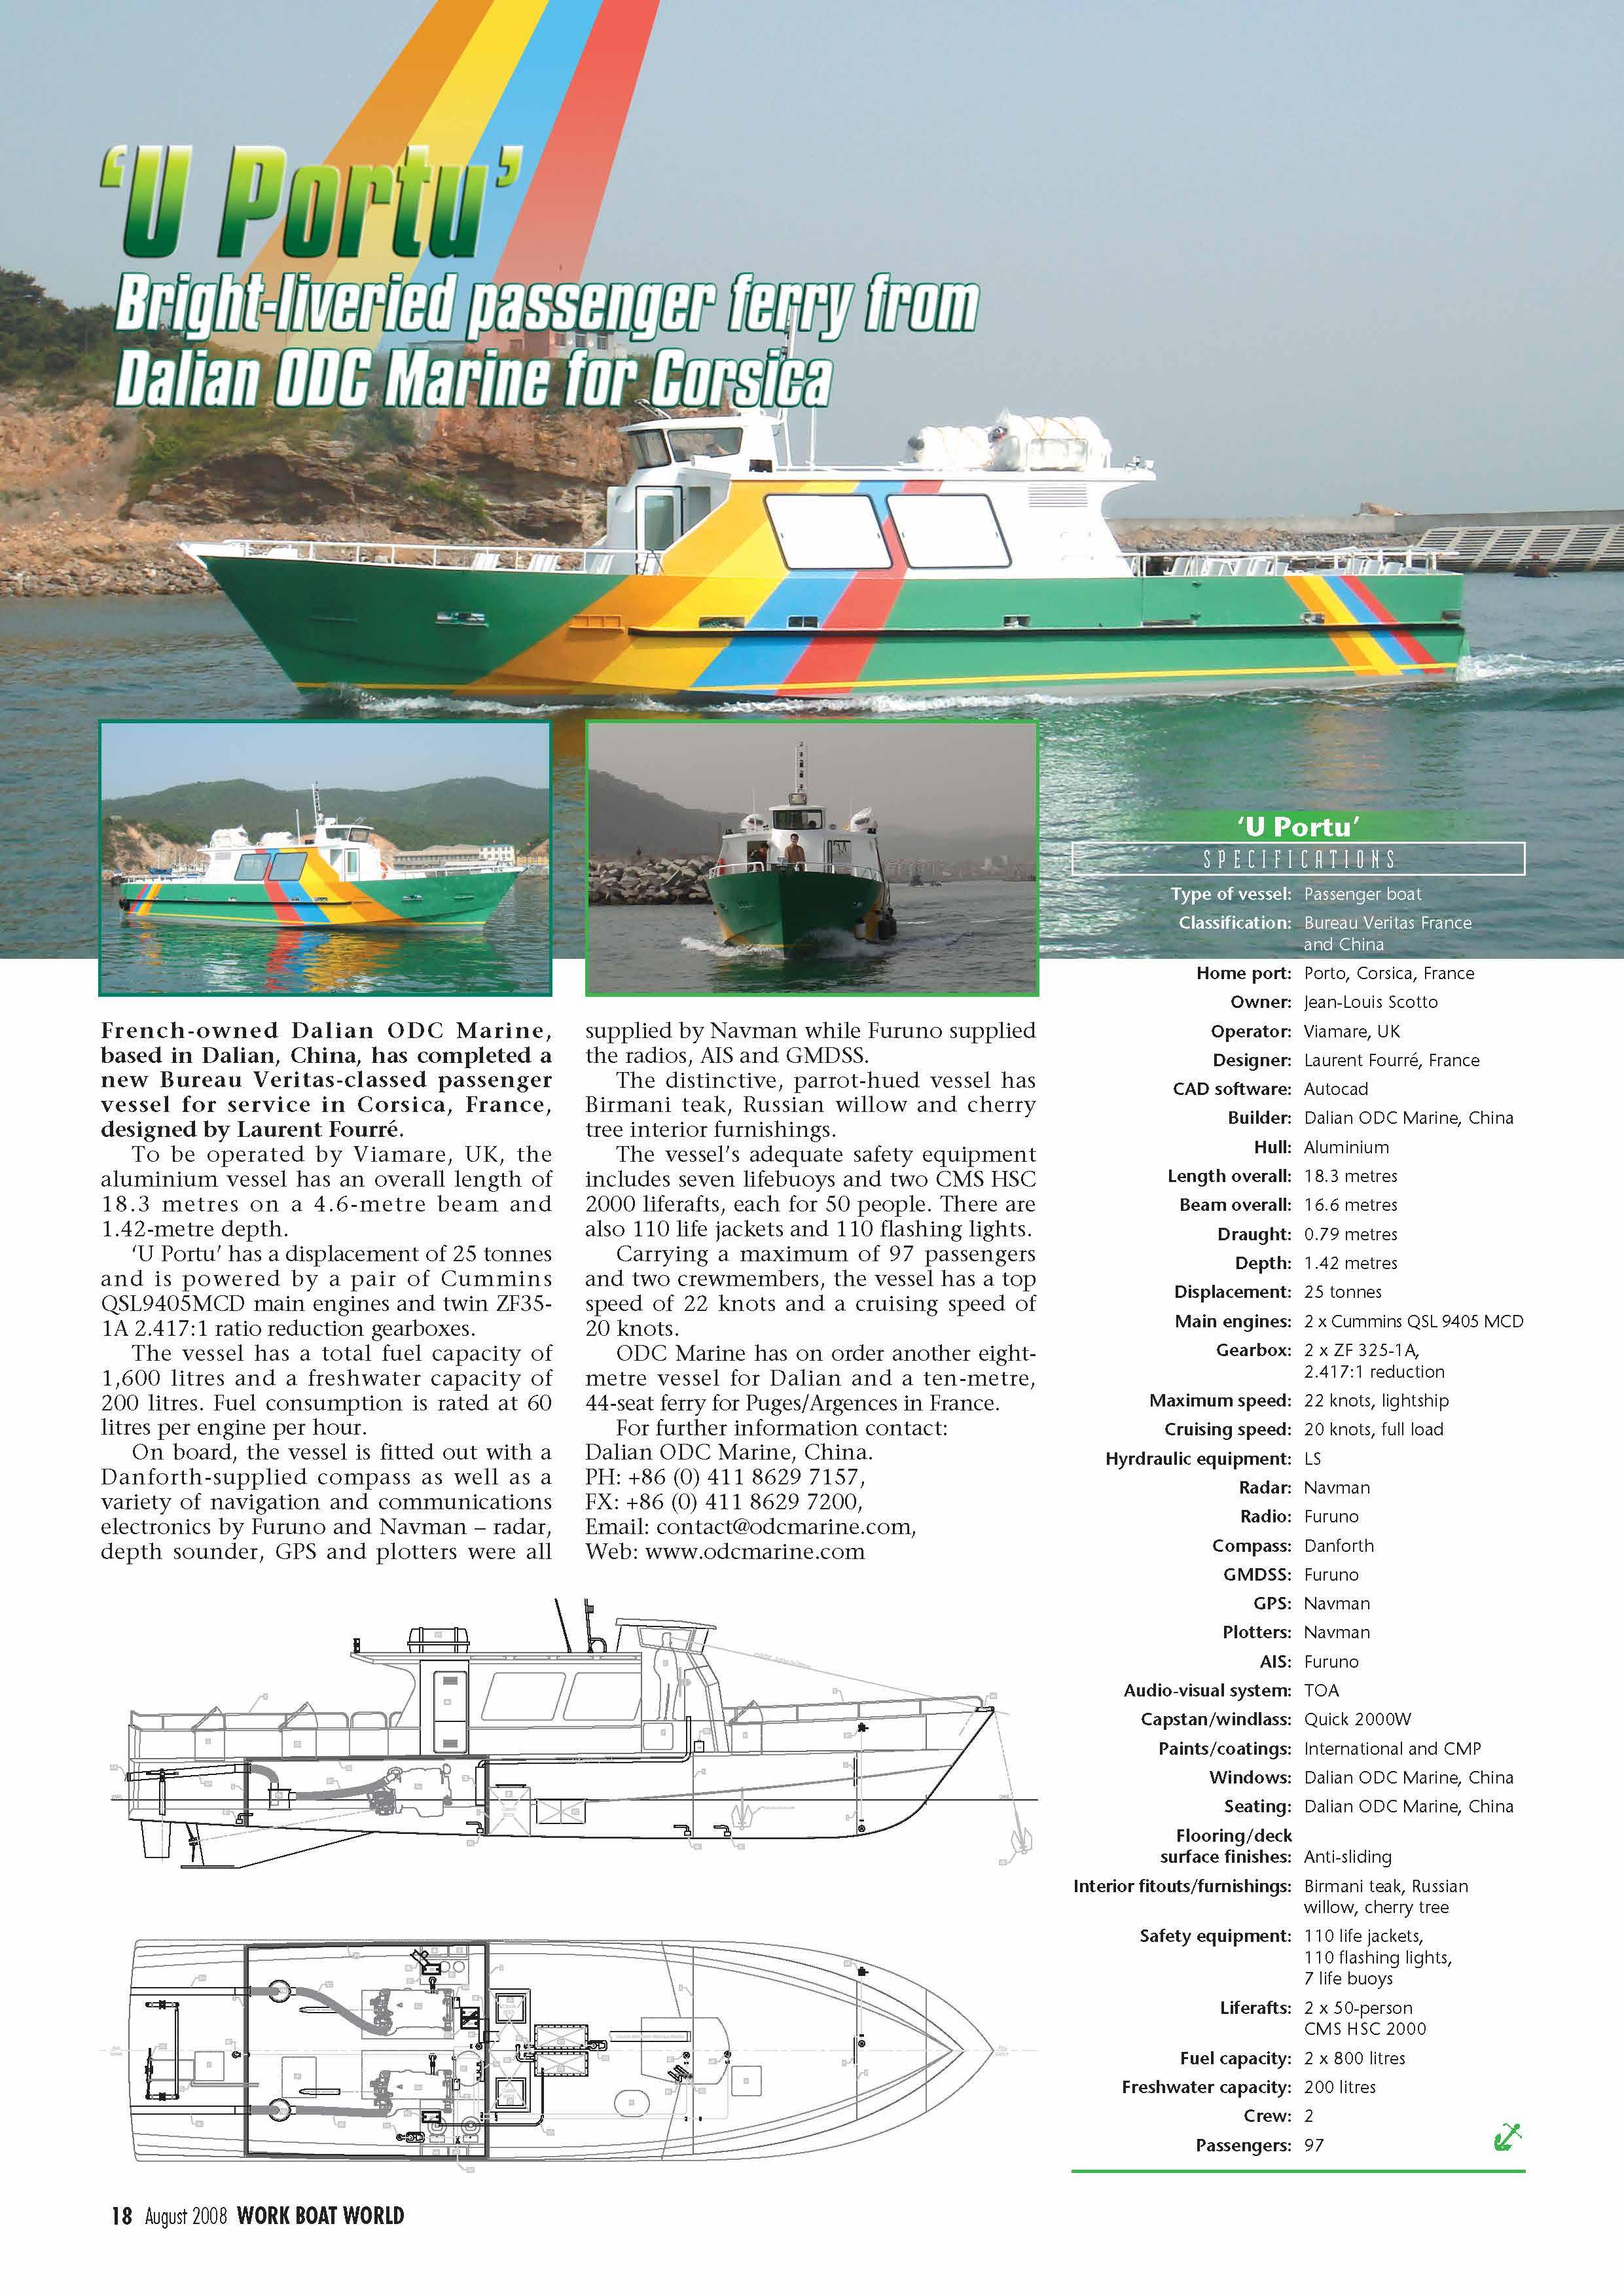 Baird Work Boat World (Mono 18 m 100 Pax Diesel)